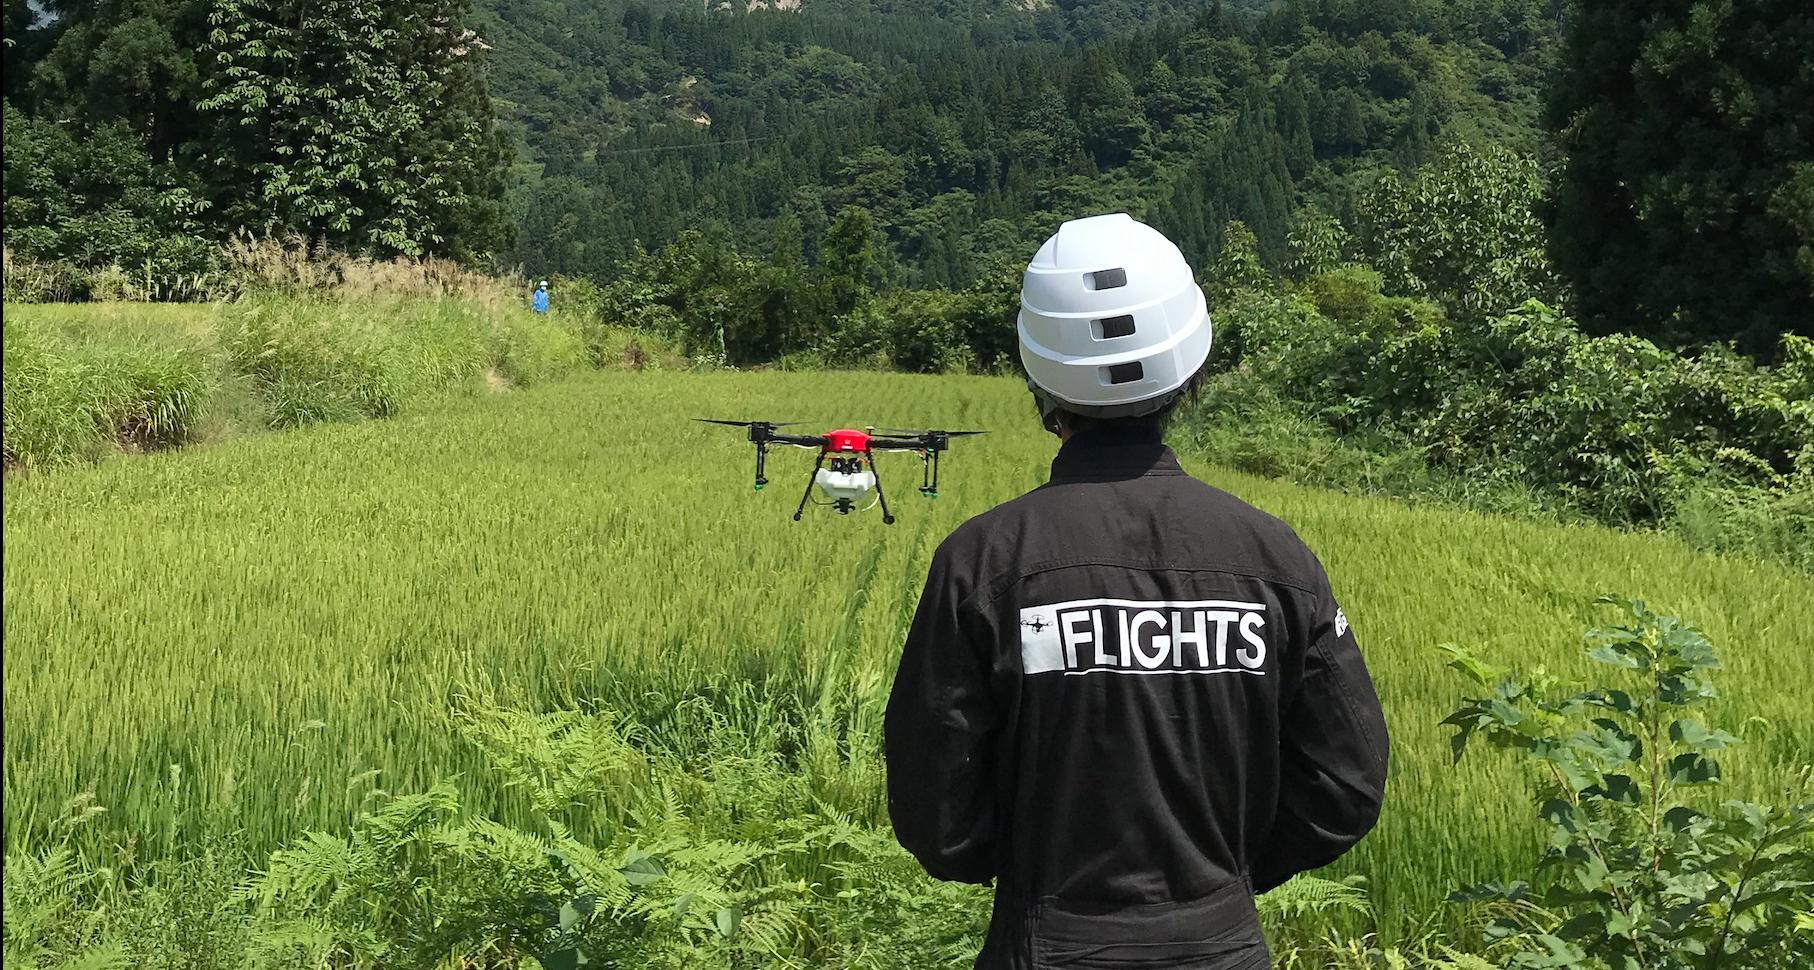 三重県農業研究所 × 農薬散布ドローン「FLIGHTS-AG」 水稲・大豆の防除技術確立に向けた共同研究契約締結